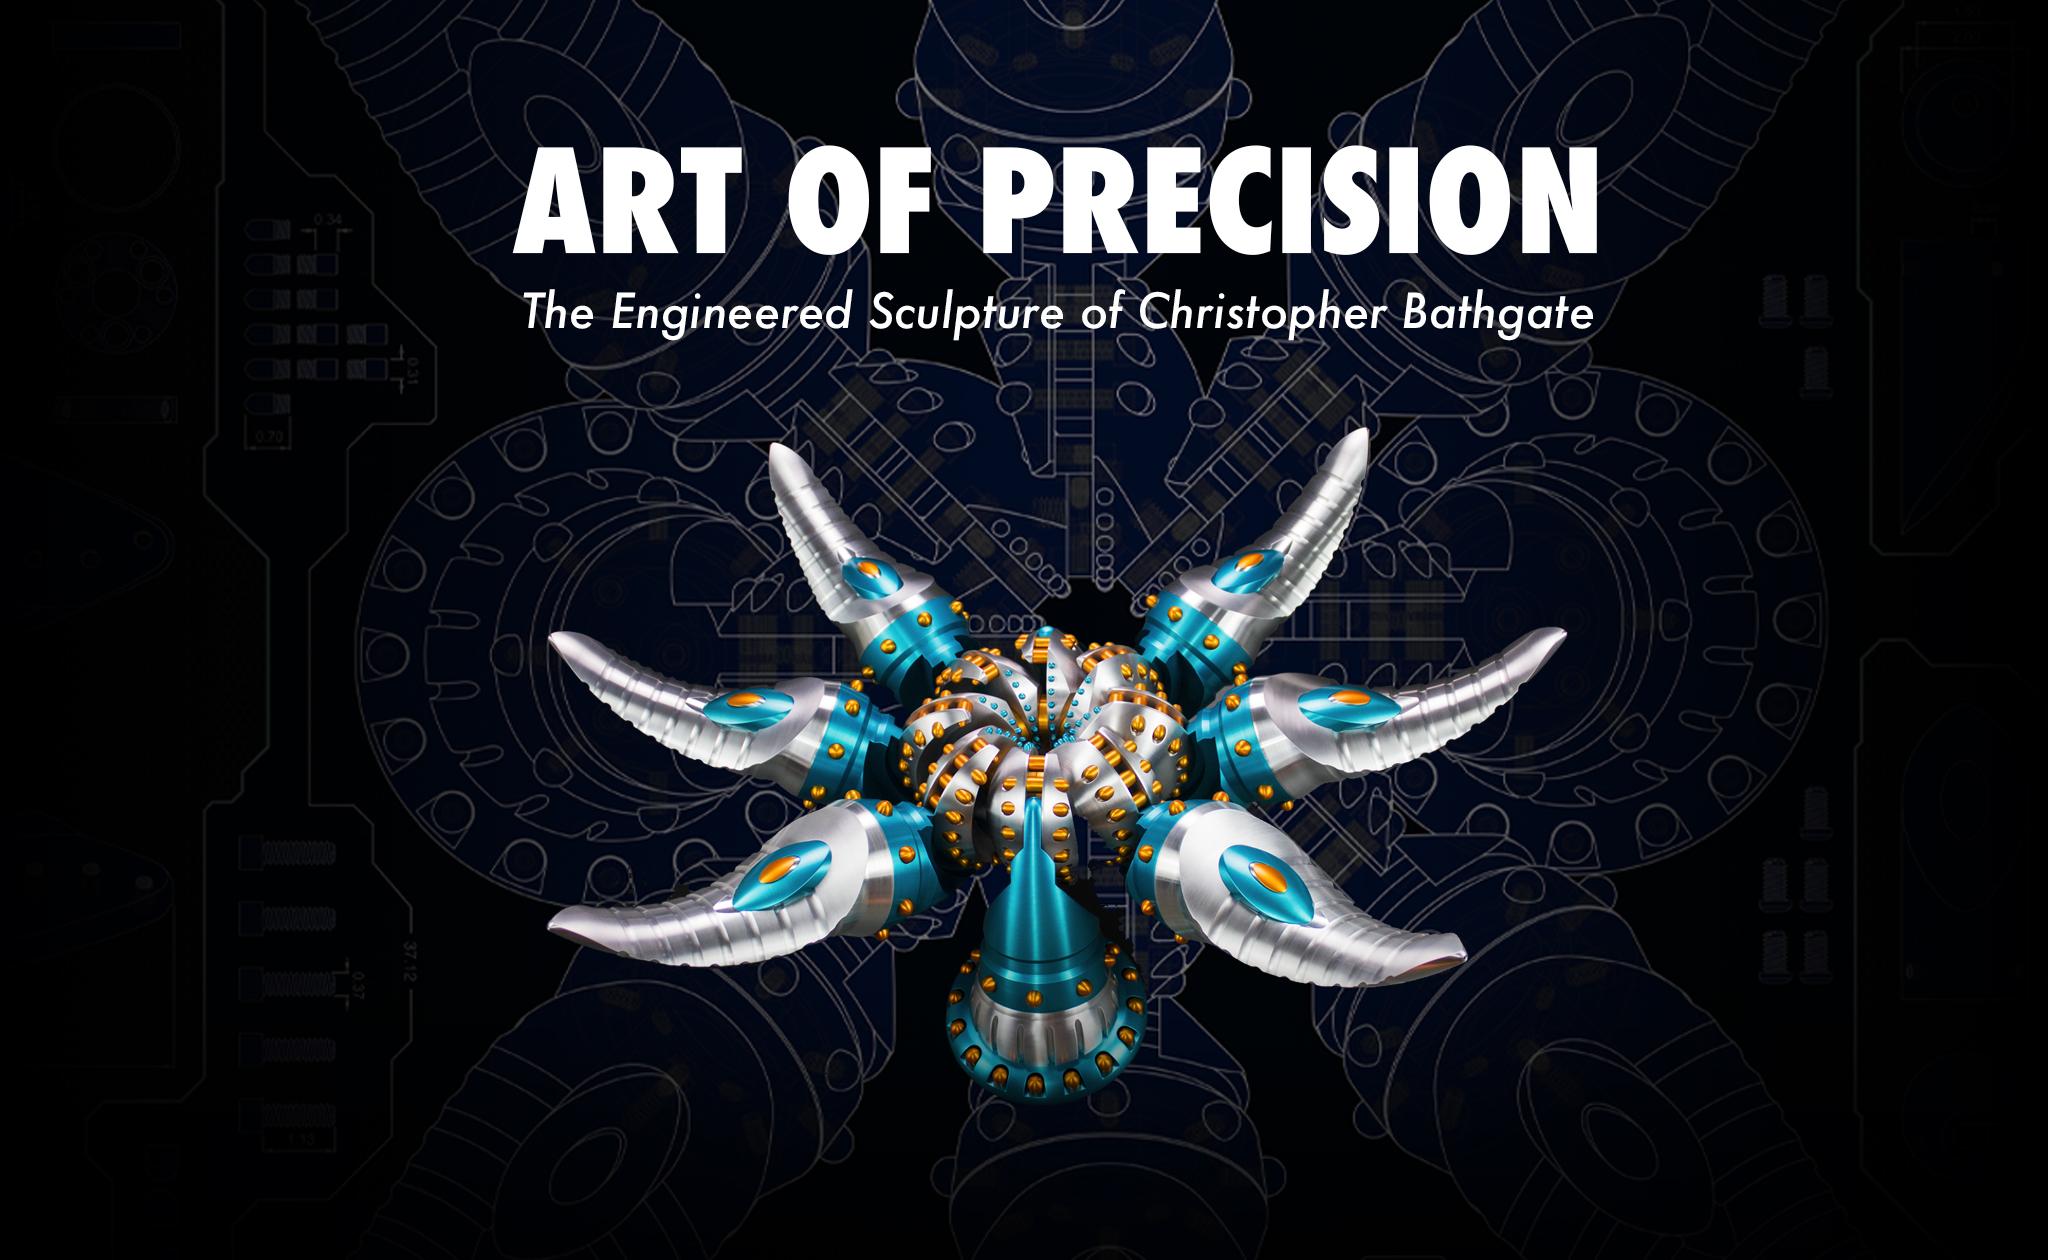 Precision Art